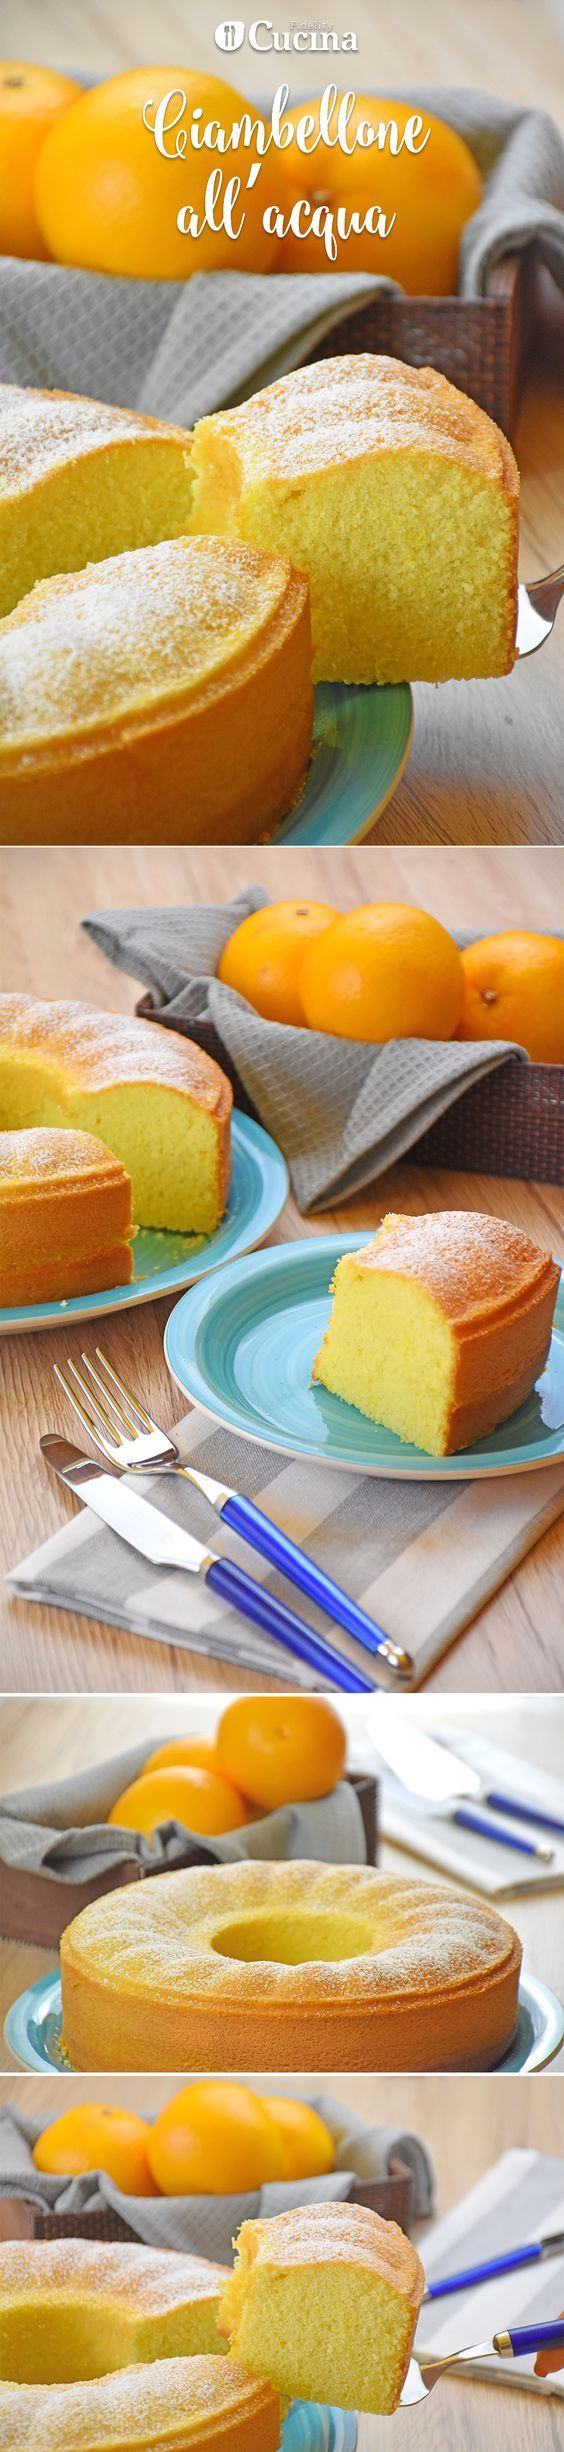 Il ciambellone all'acqua all'arancia è un dolce morbido e gustoso sebbene senza uova e senza latte. Ecco la #videoricetta